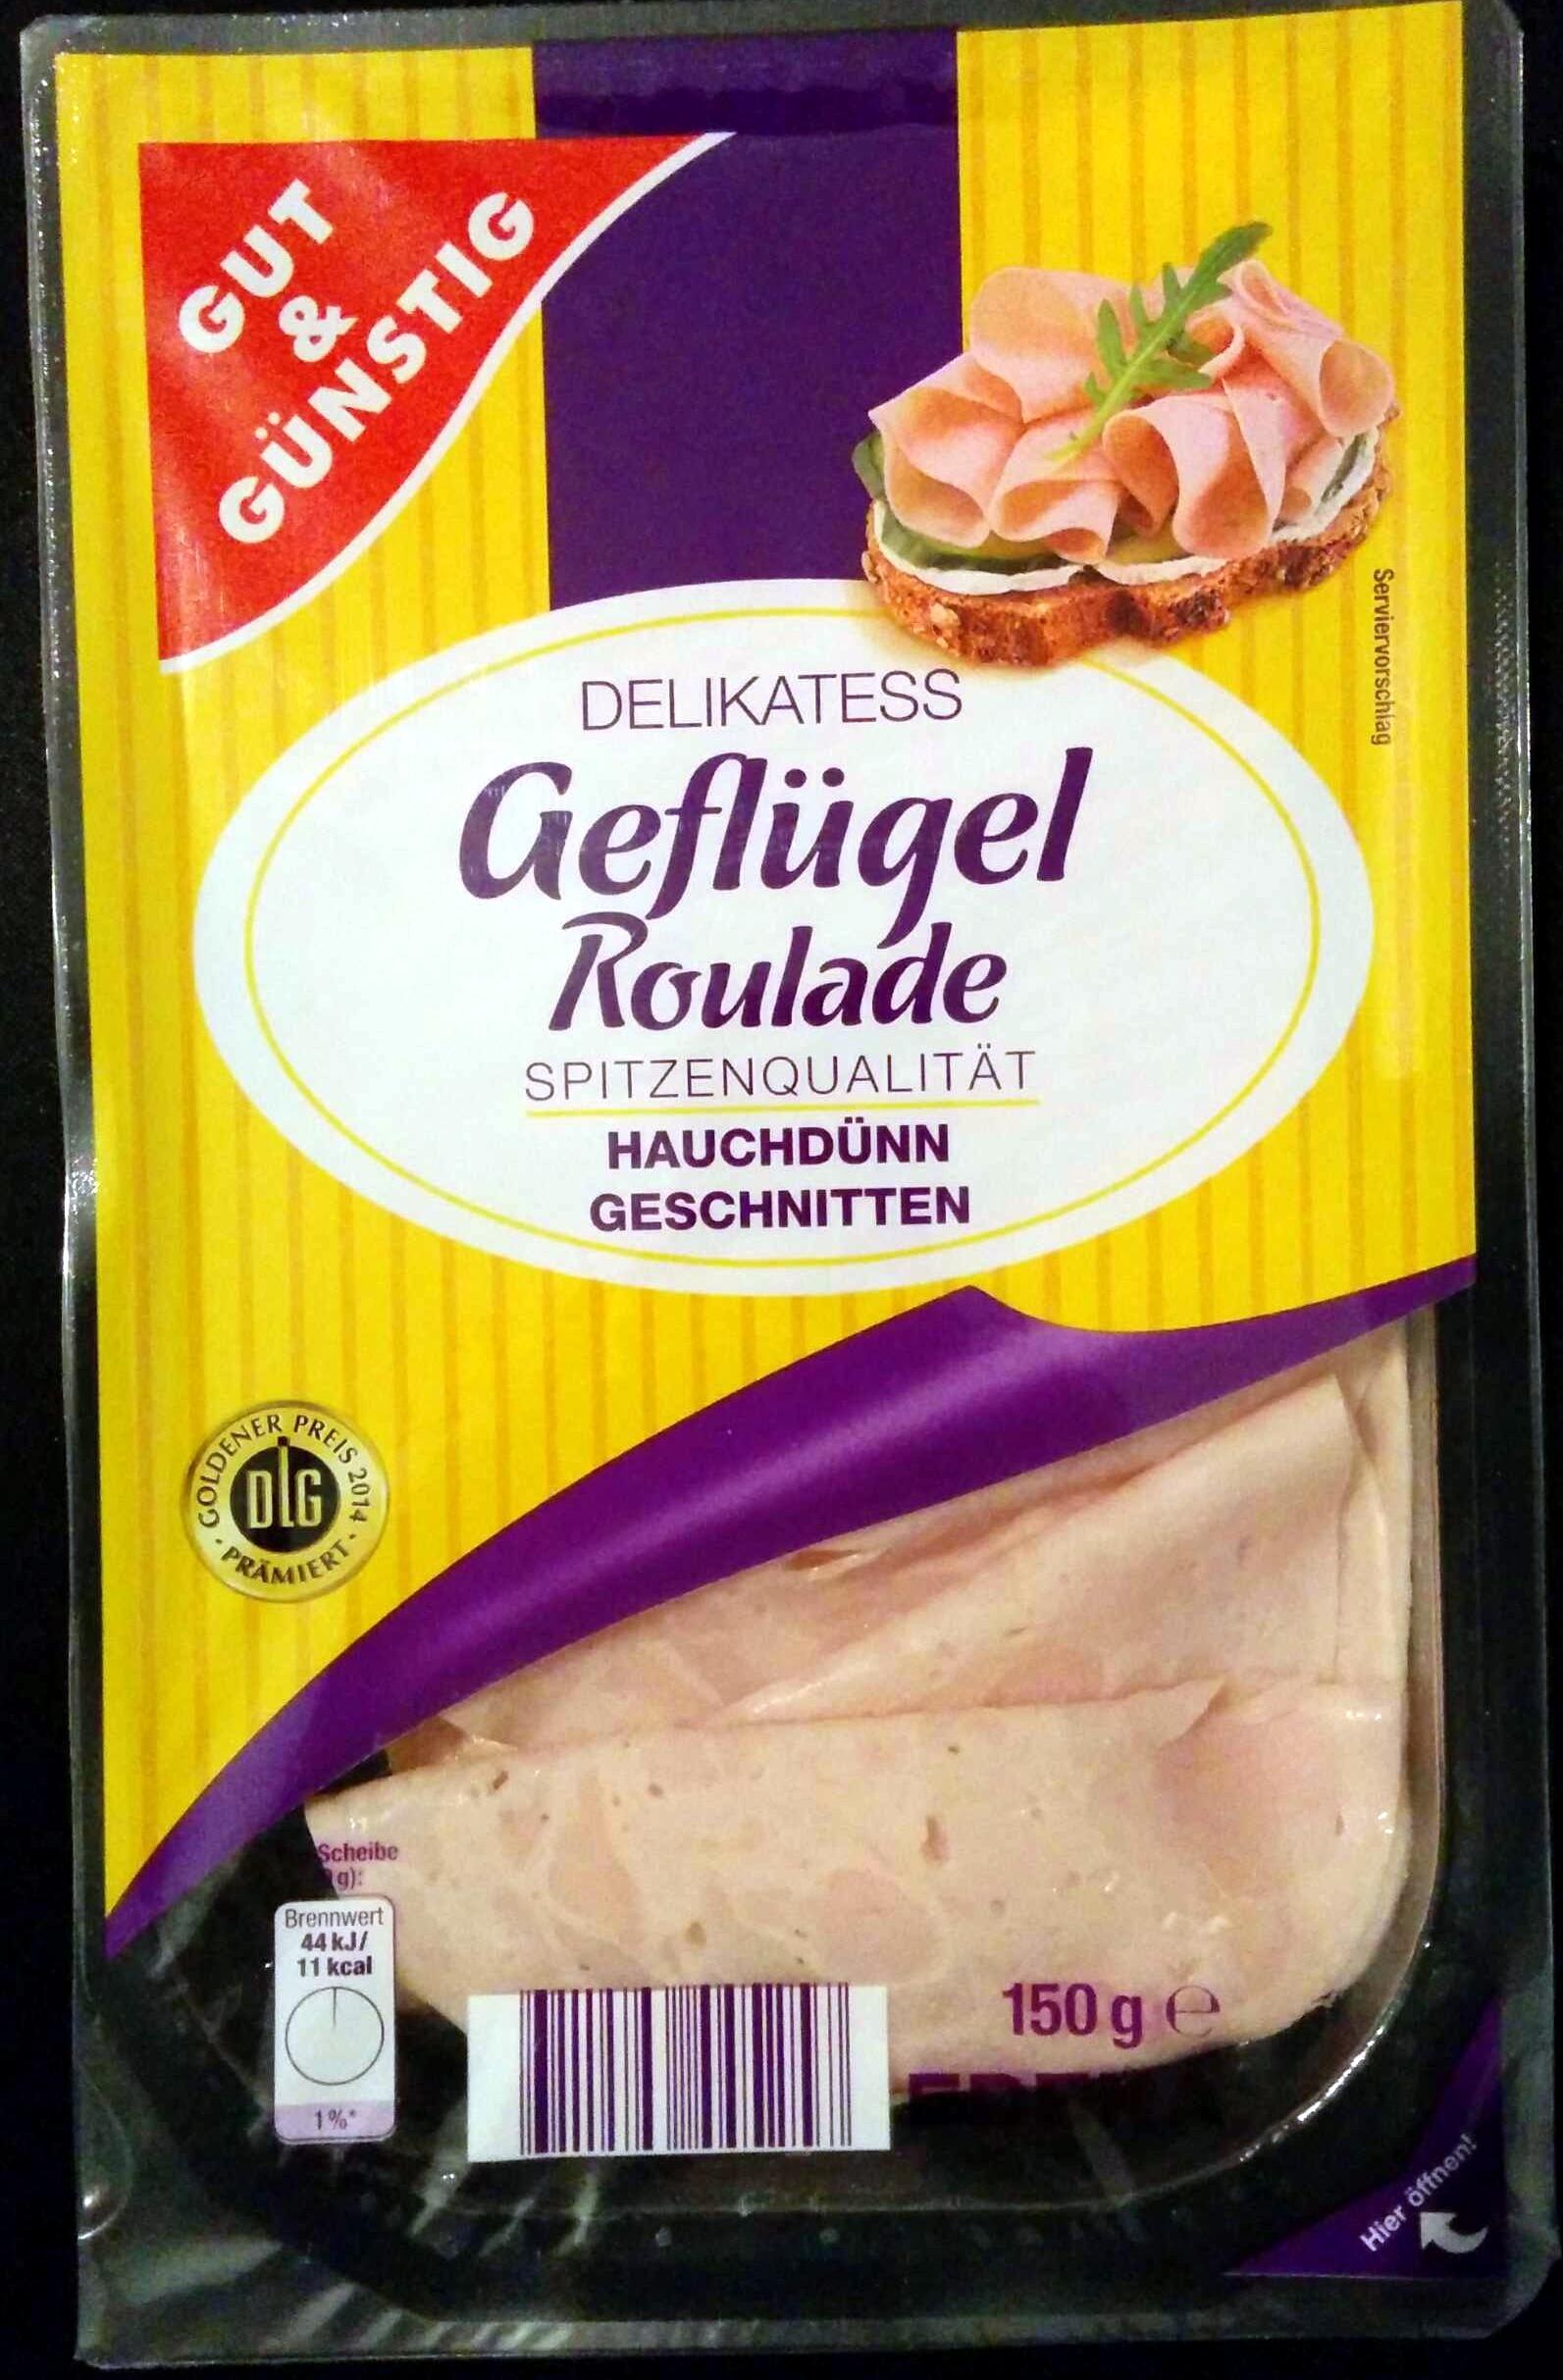 Delikatess Geflügel Roulade - Product